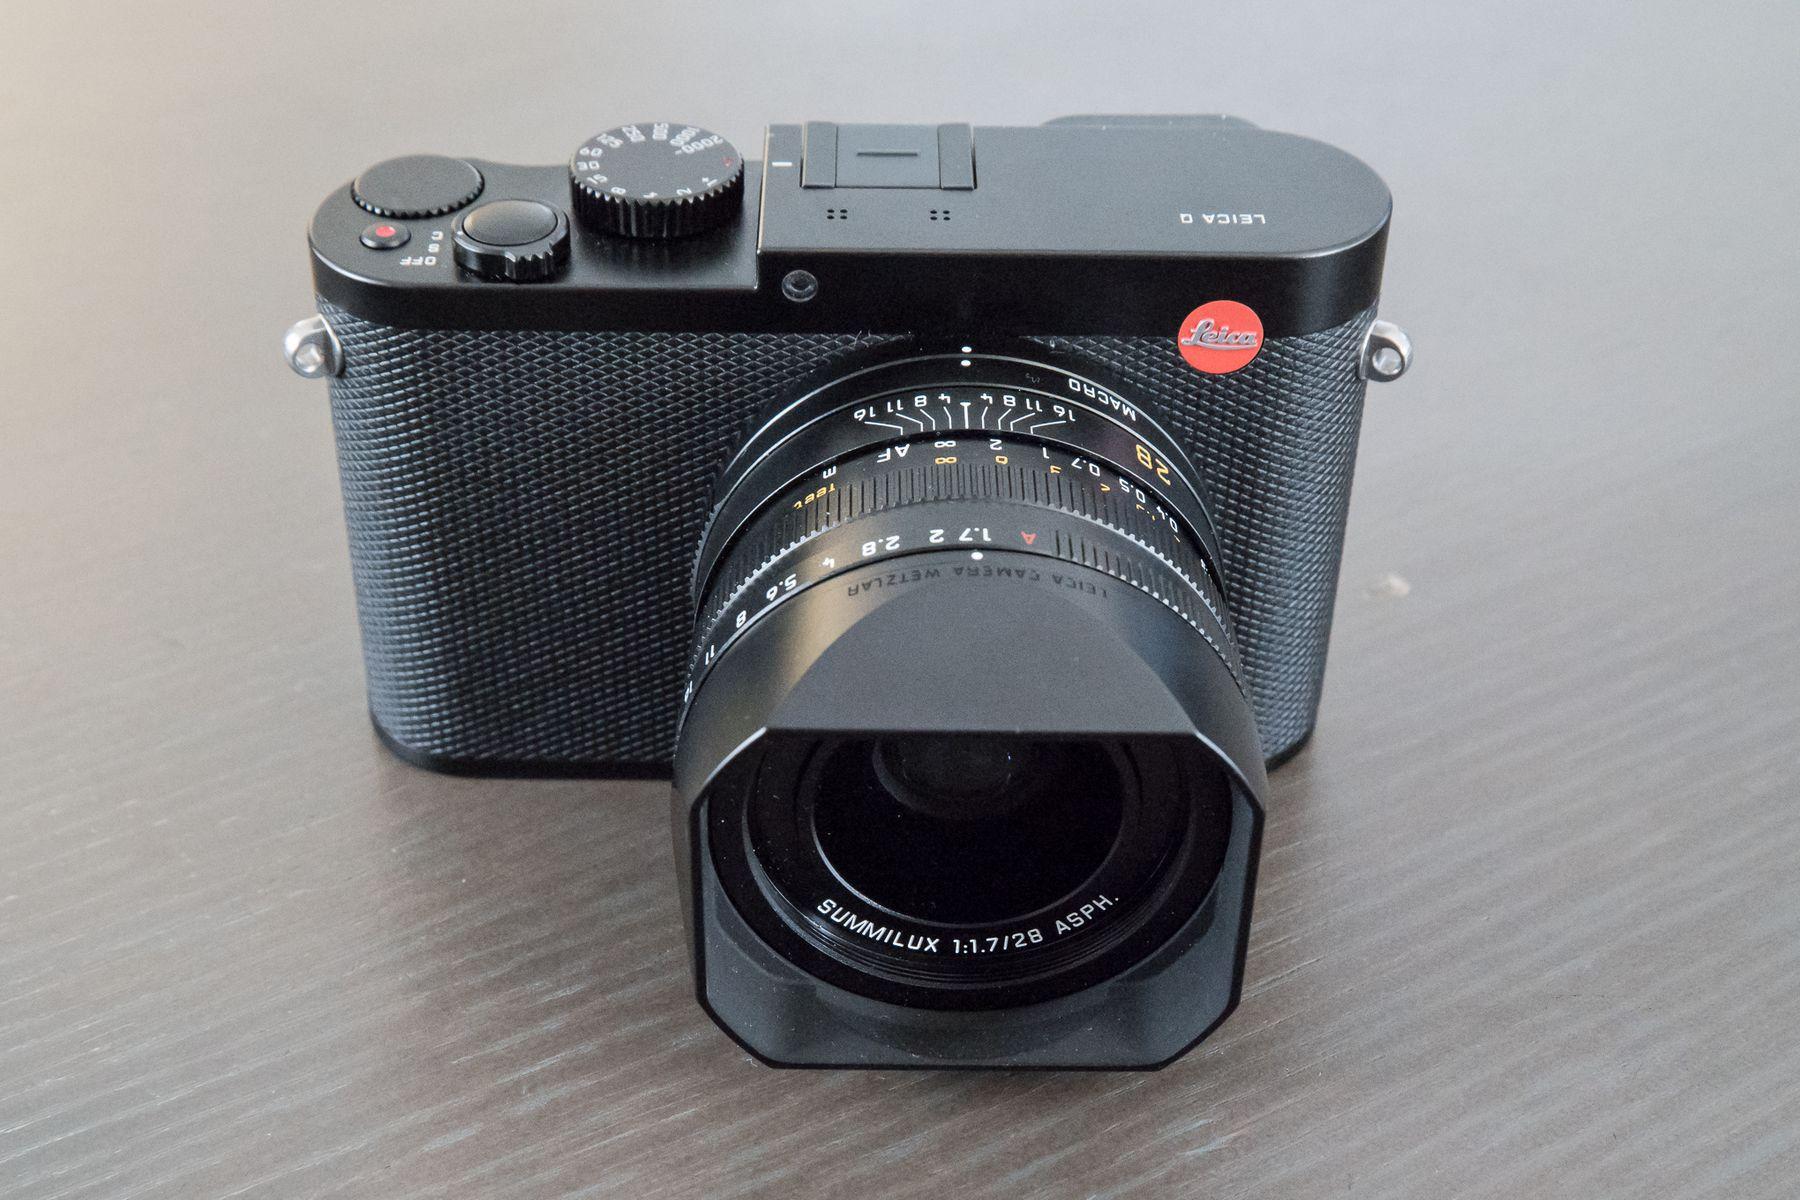 Самые популярные пленочные фотоаппараты безопасность использования